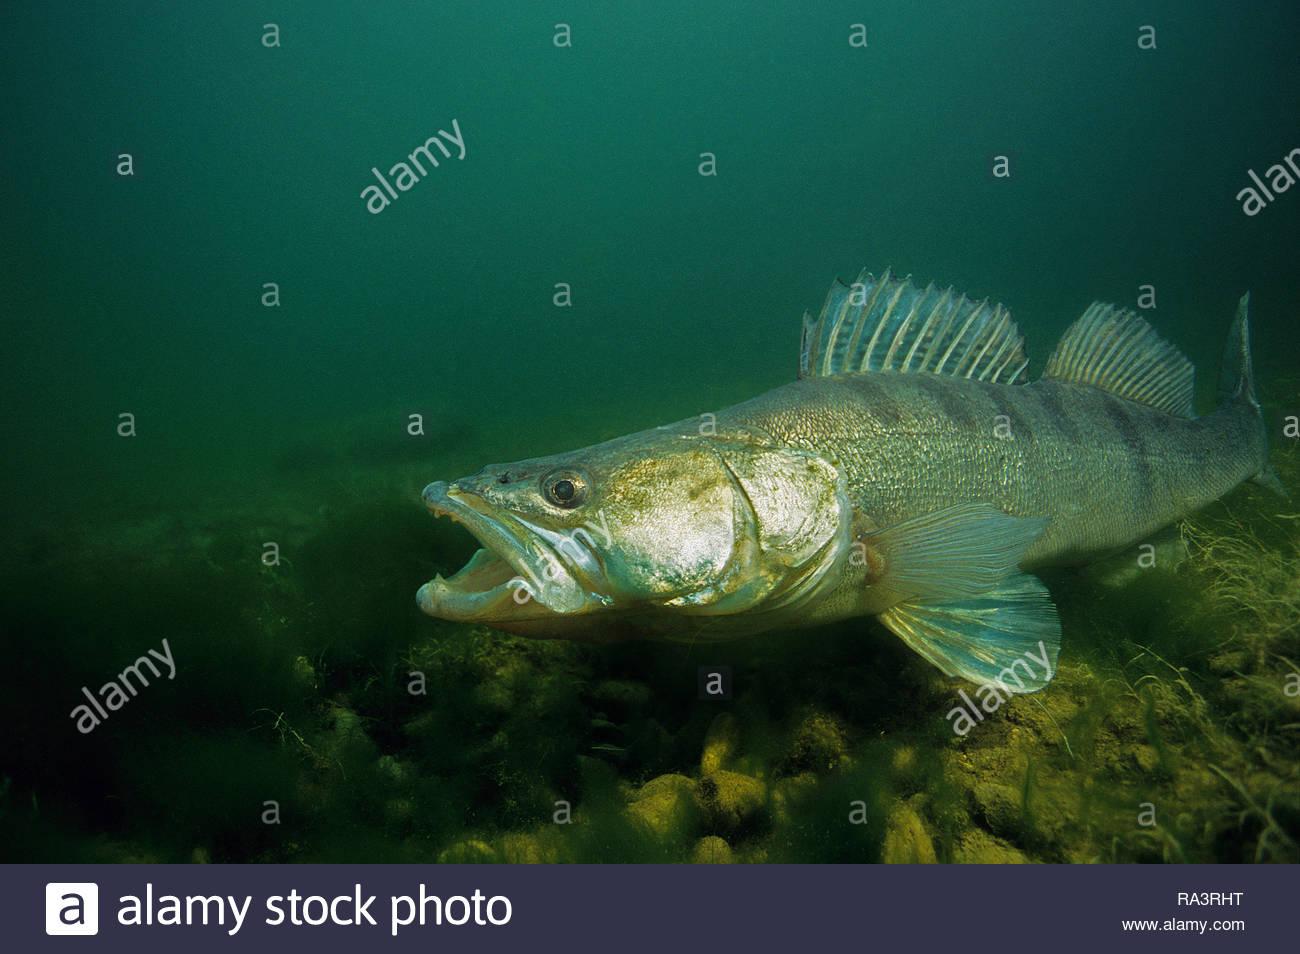 Zander oder Zander (Sander lucioperca), verteidigt seine spawn, Bedrohung mit offenen Mund, Baden-Württemberg, Deutschland Stockbild